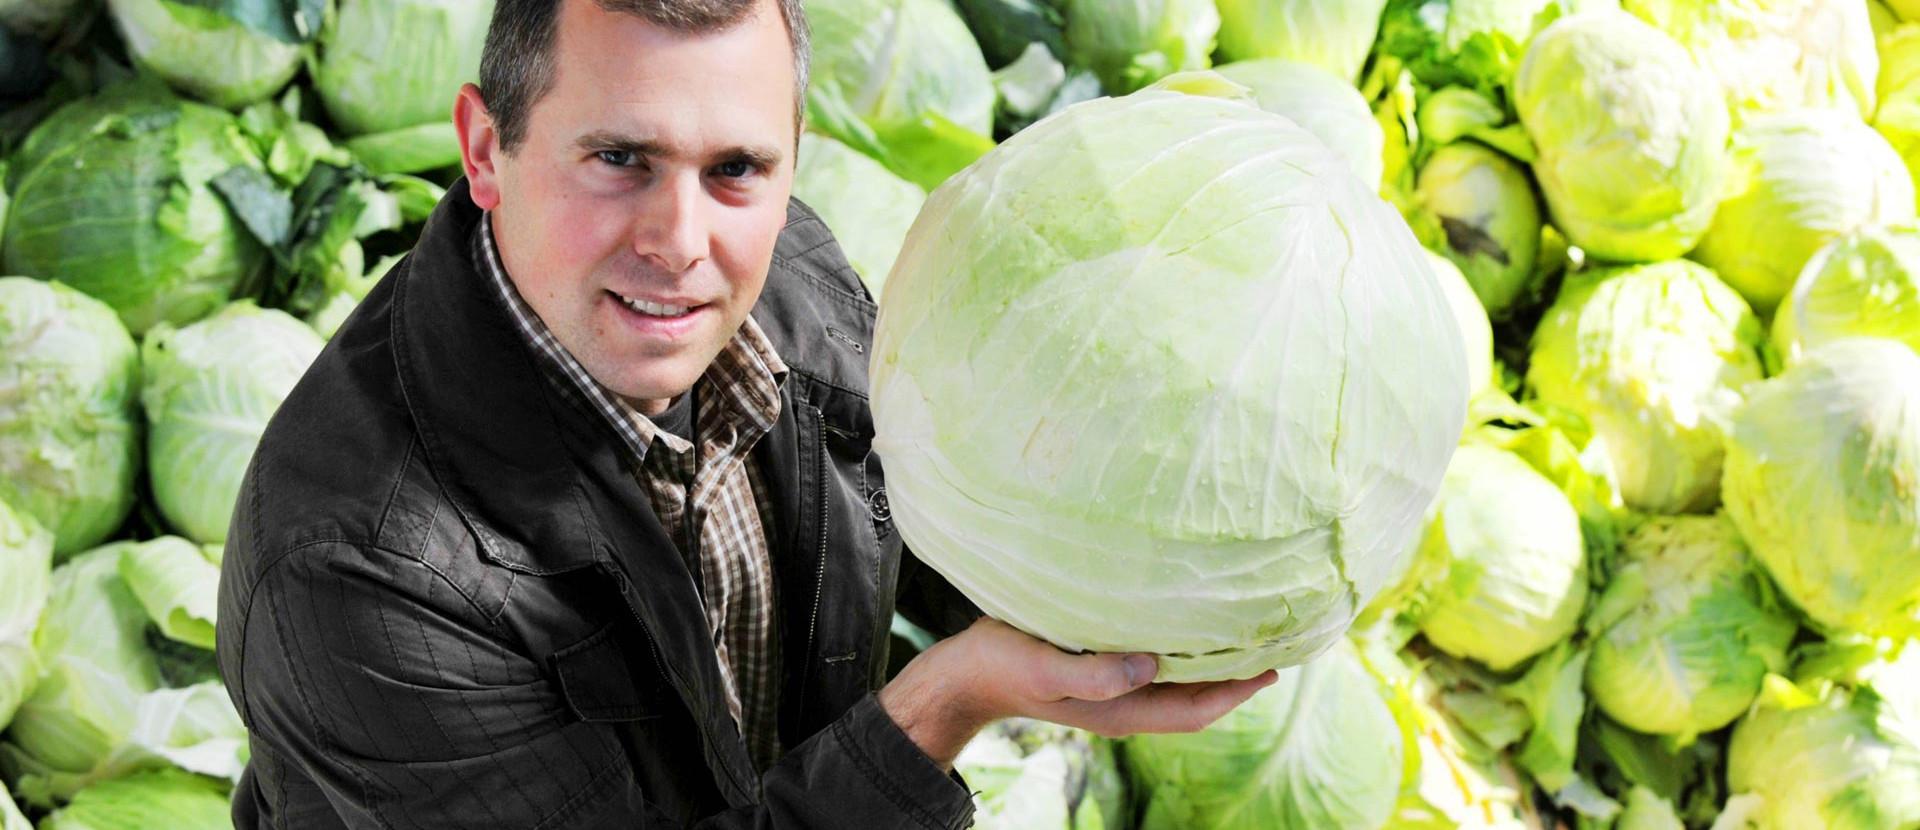 Mann mit einem Kopf Salat in den Händen